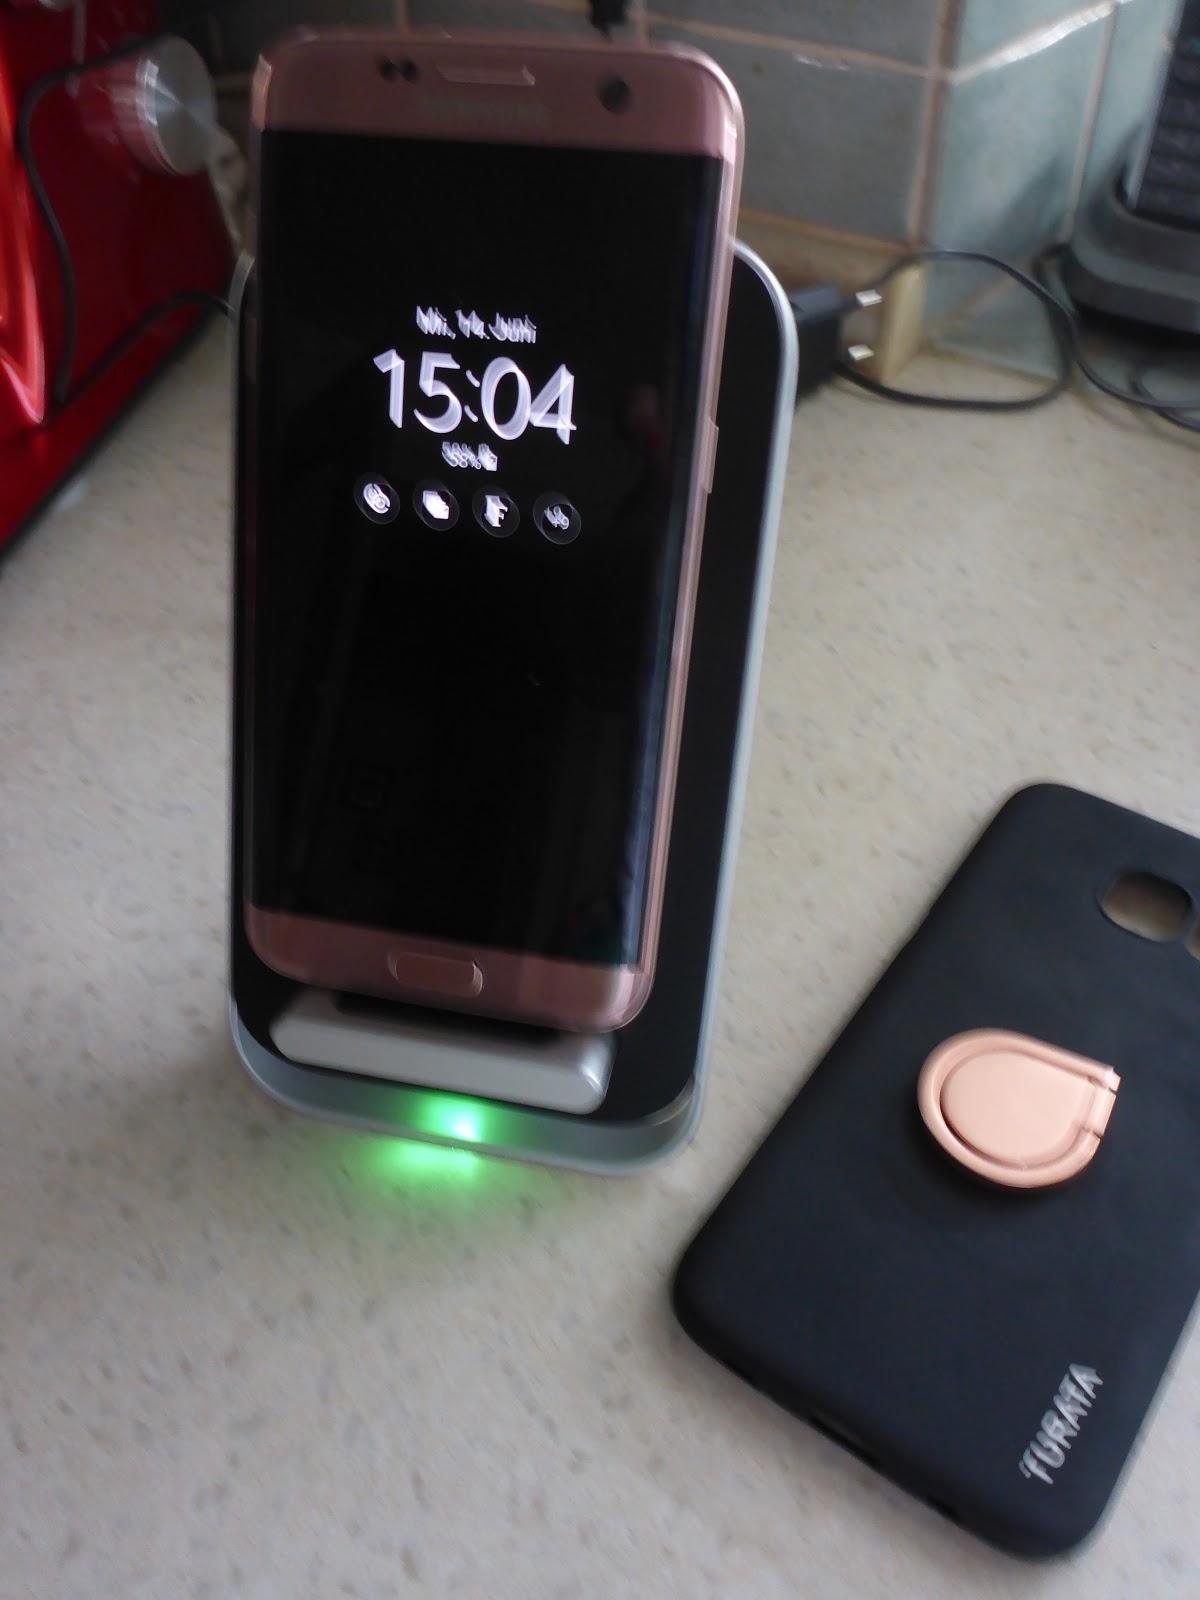 produkttests von leo56 wireless ladeger t vinsic. Black Bedroom Furniture Sets. Home Design Ideas